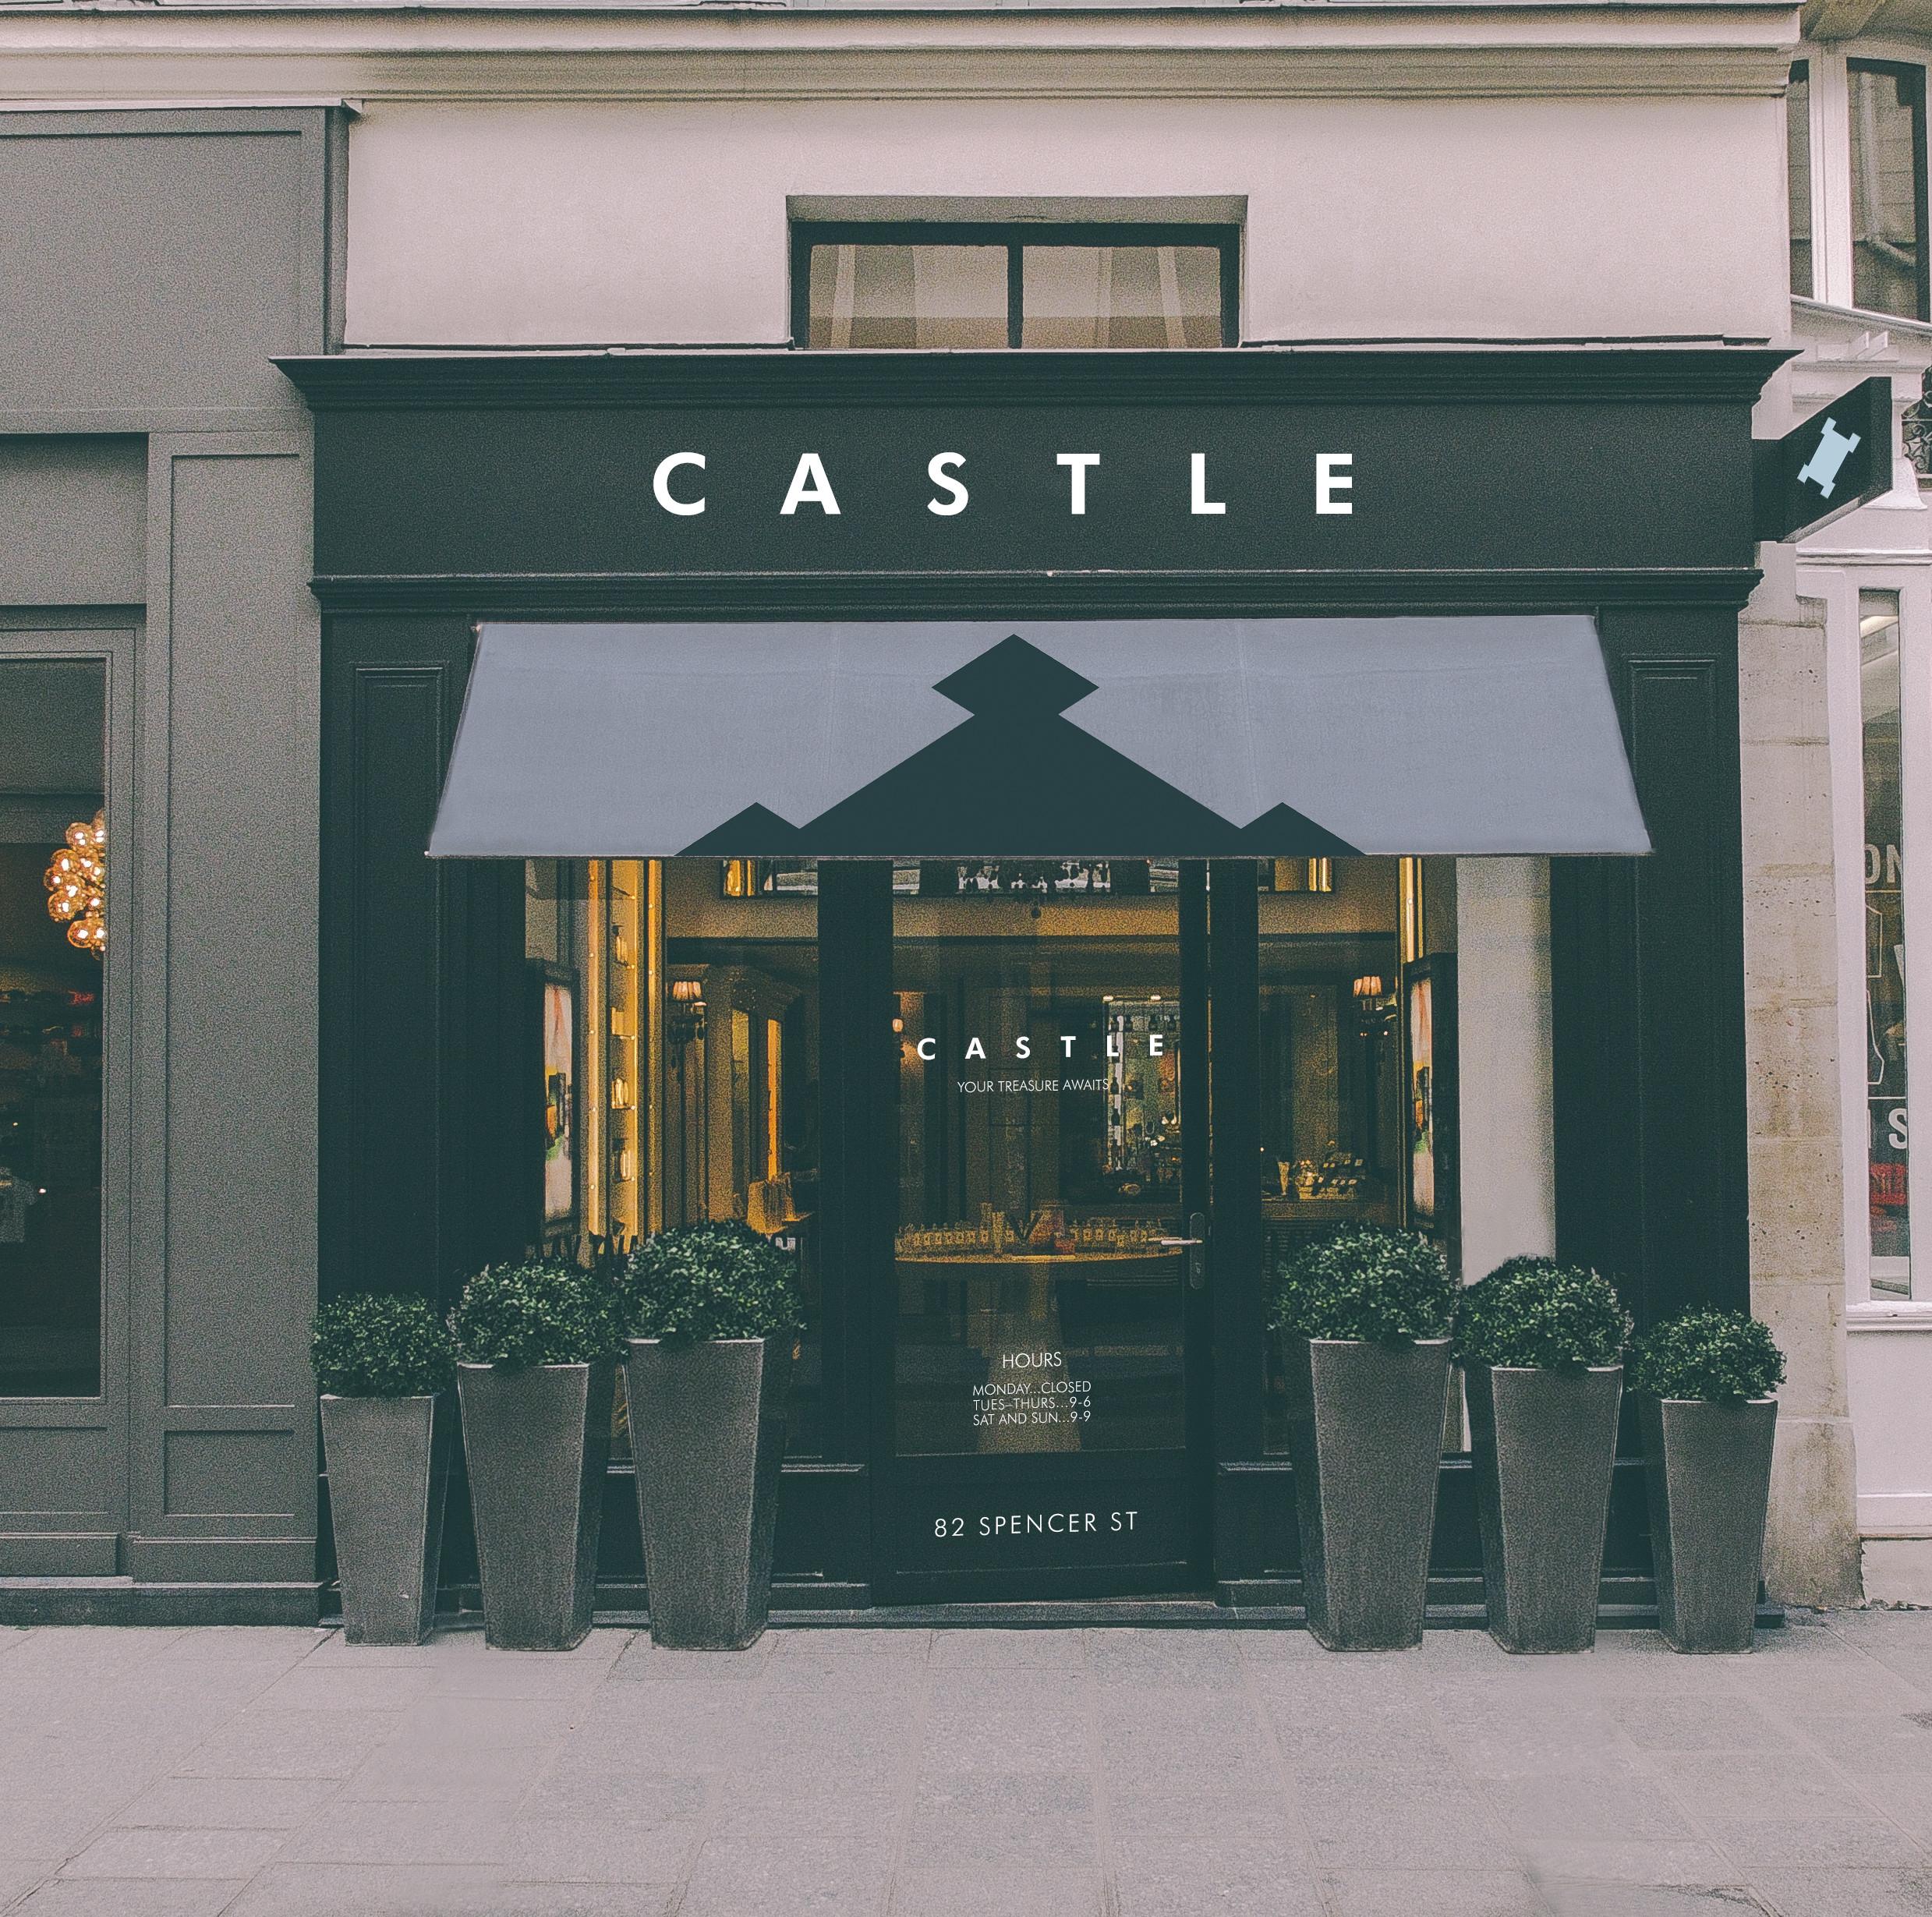 Castle_Facade.jpg